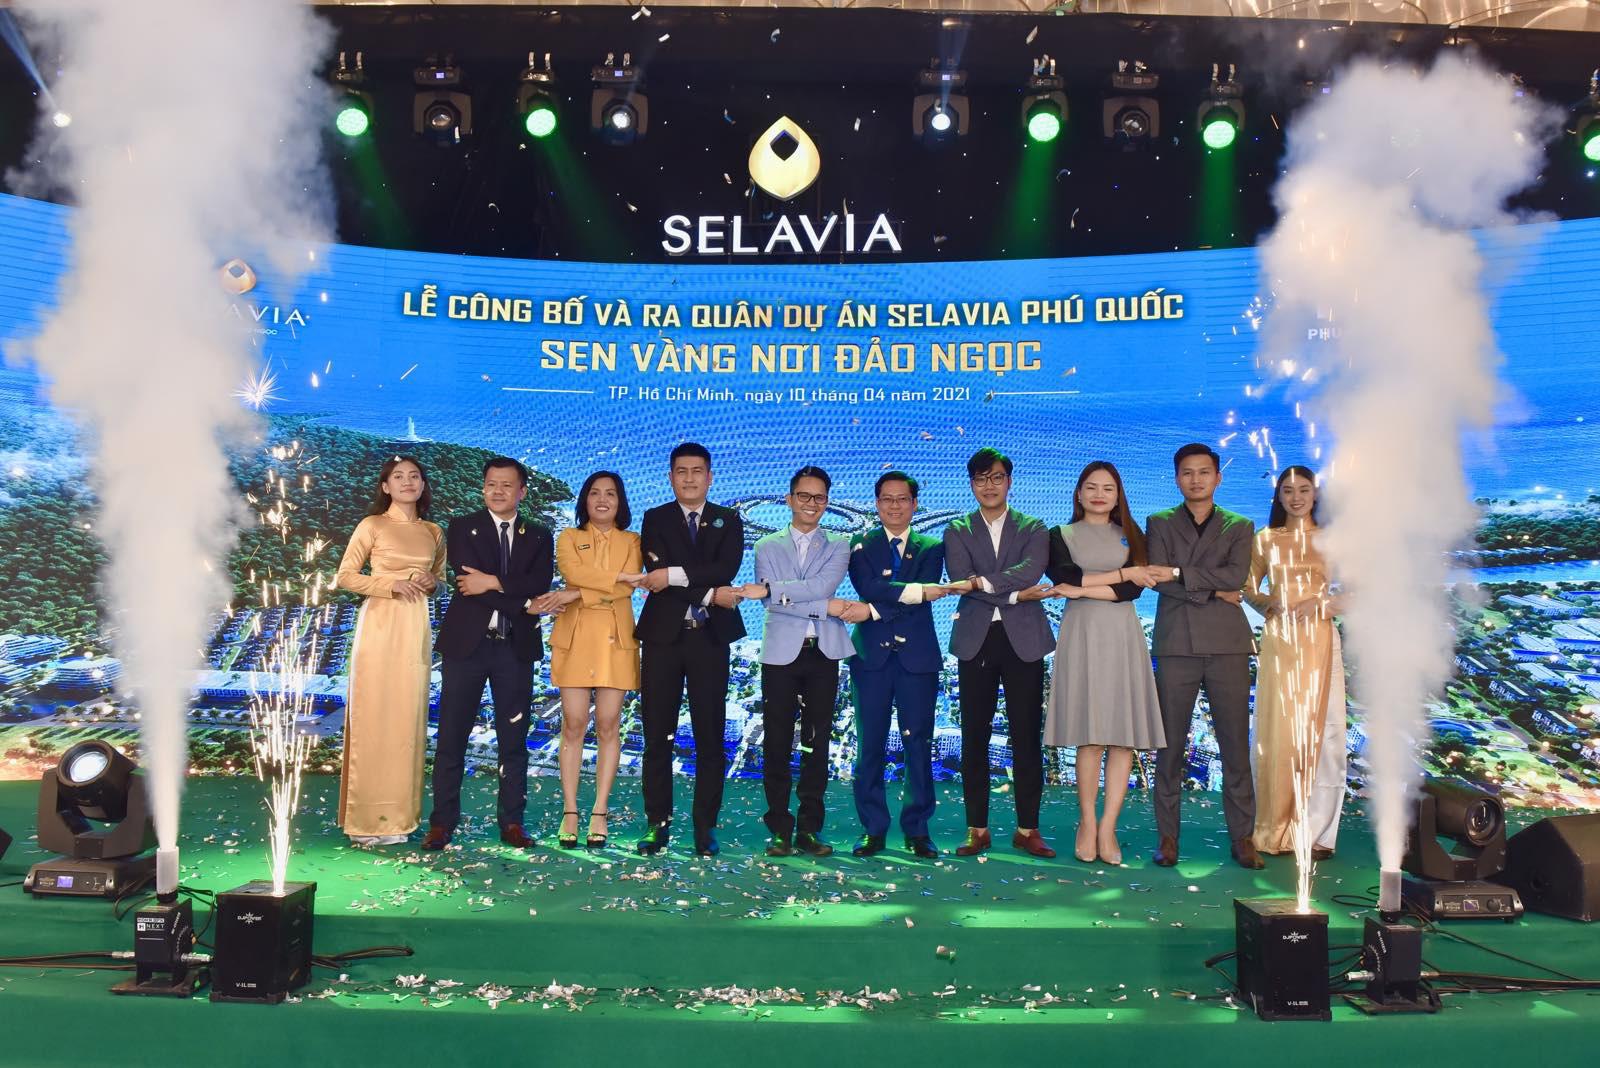 Lễ công bố và ra quân dự án Selavia Phú Quốc  - Ảnh 2.